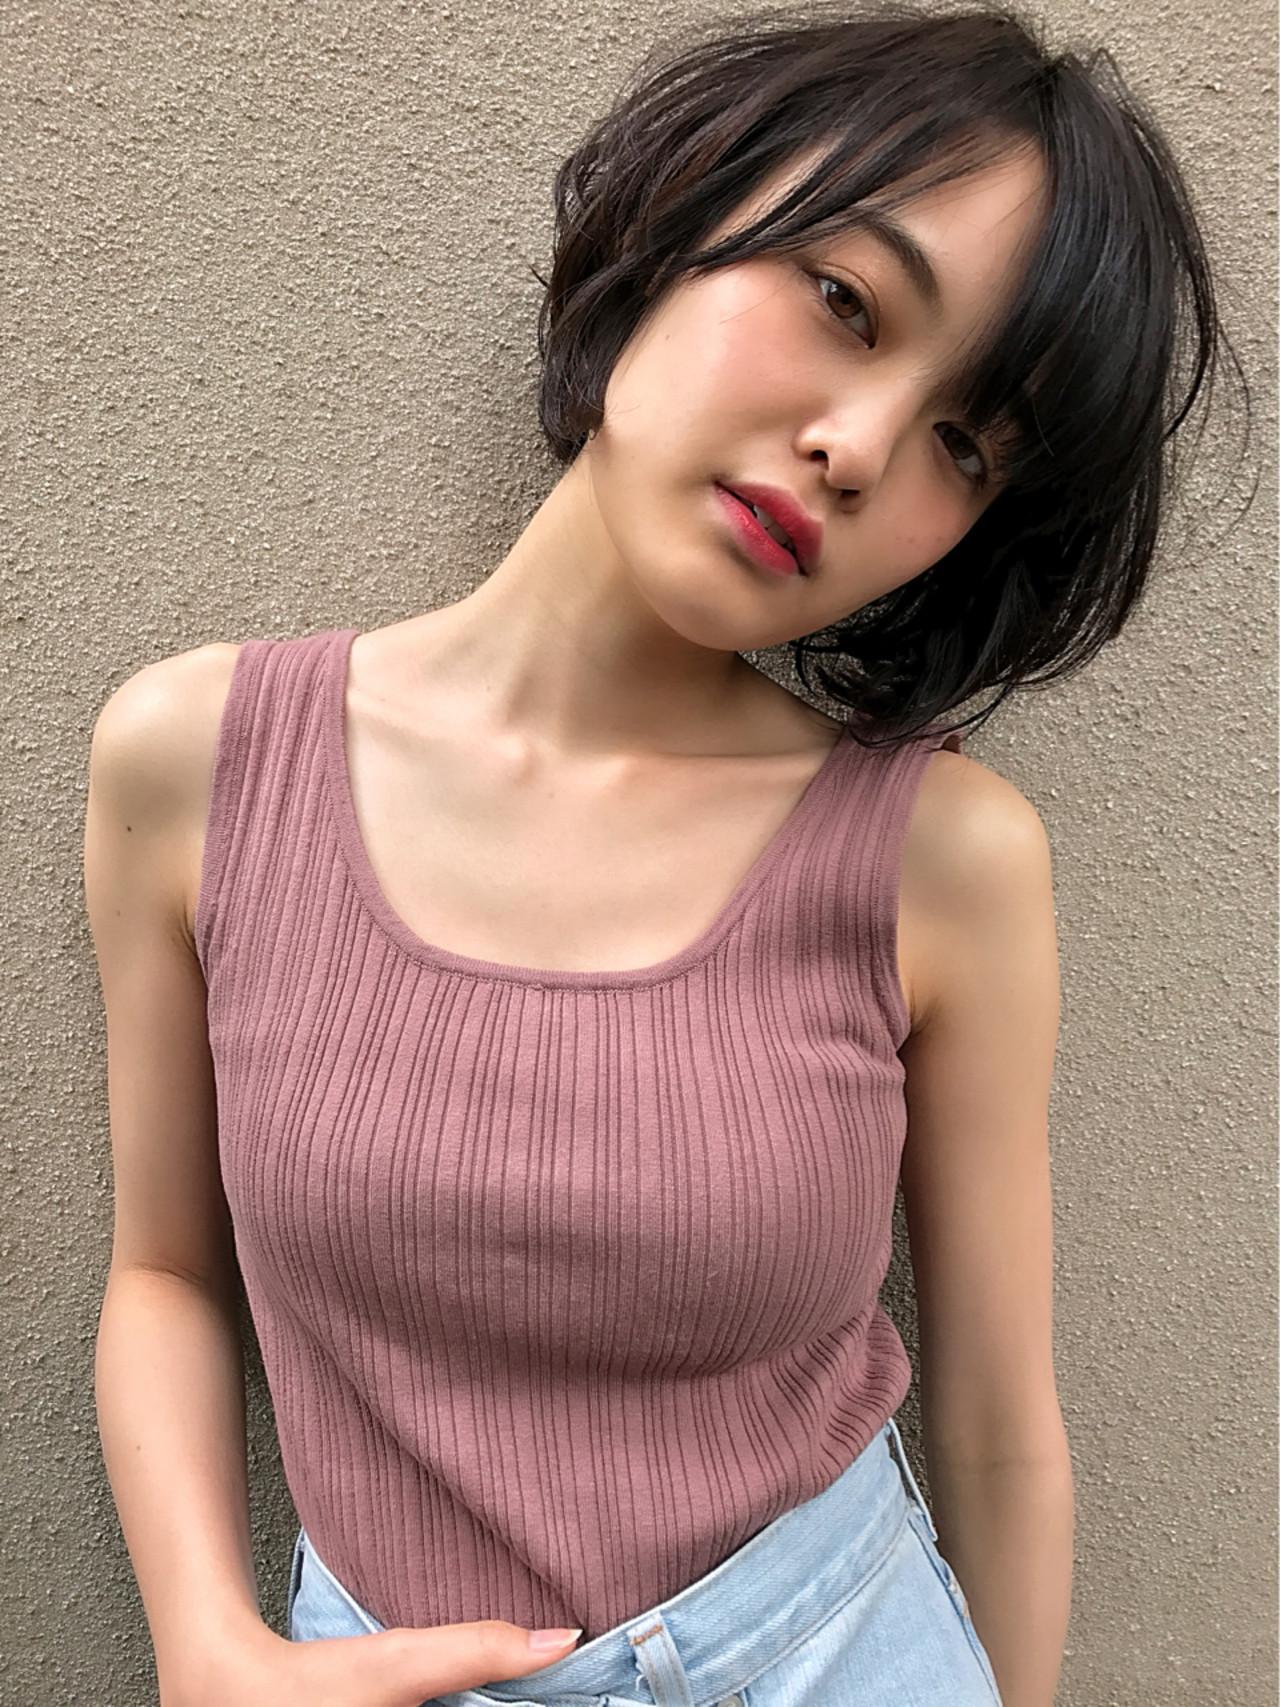 夏 透明感 黒髪 春 ヘアスタイルや髪型の写真・画像